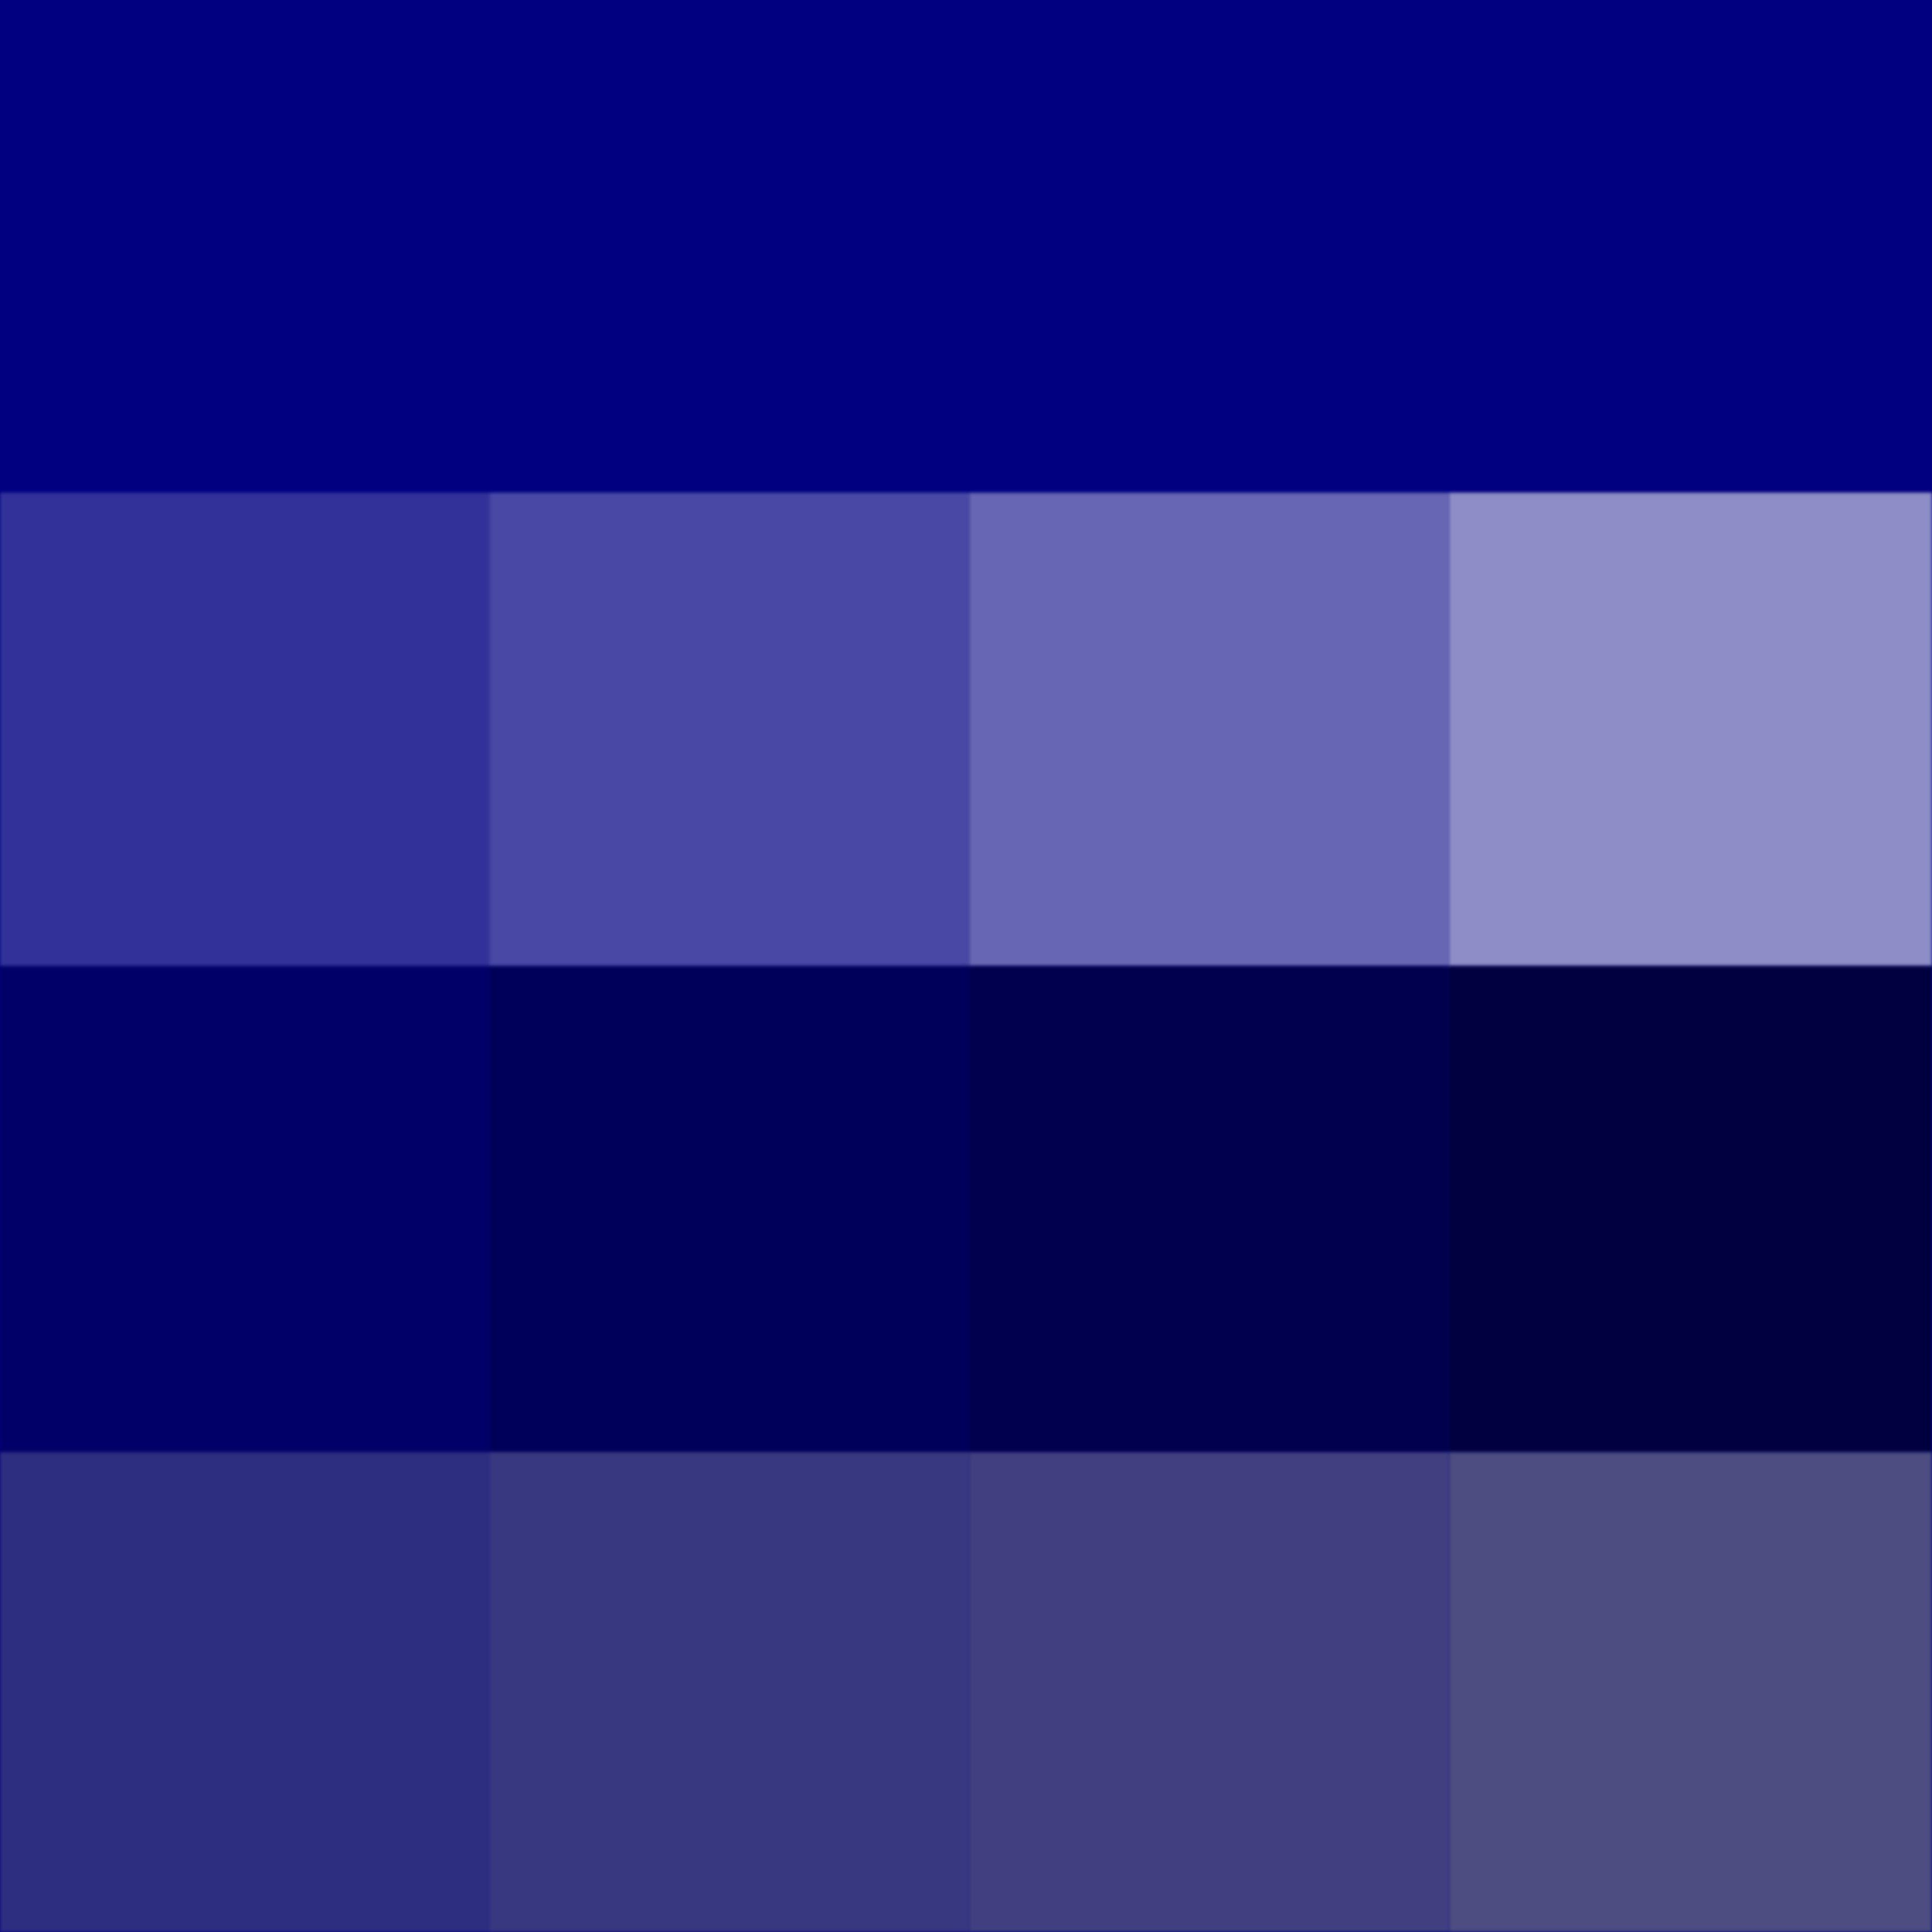 navy blue shades design pinterest. Black Bedroom Furniture Sets. Home Design Ideas